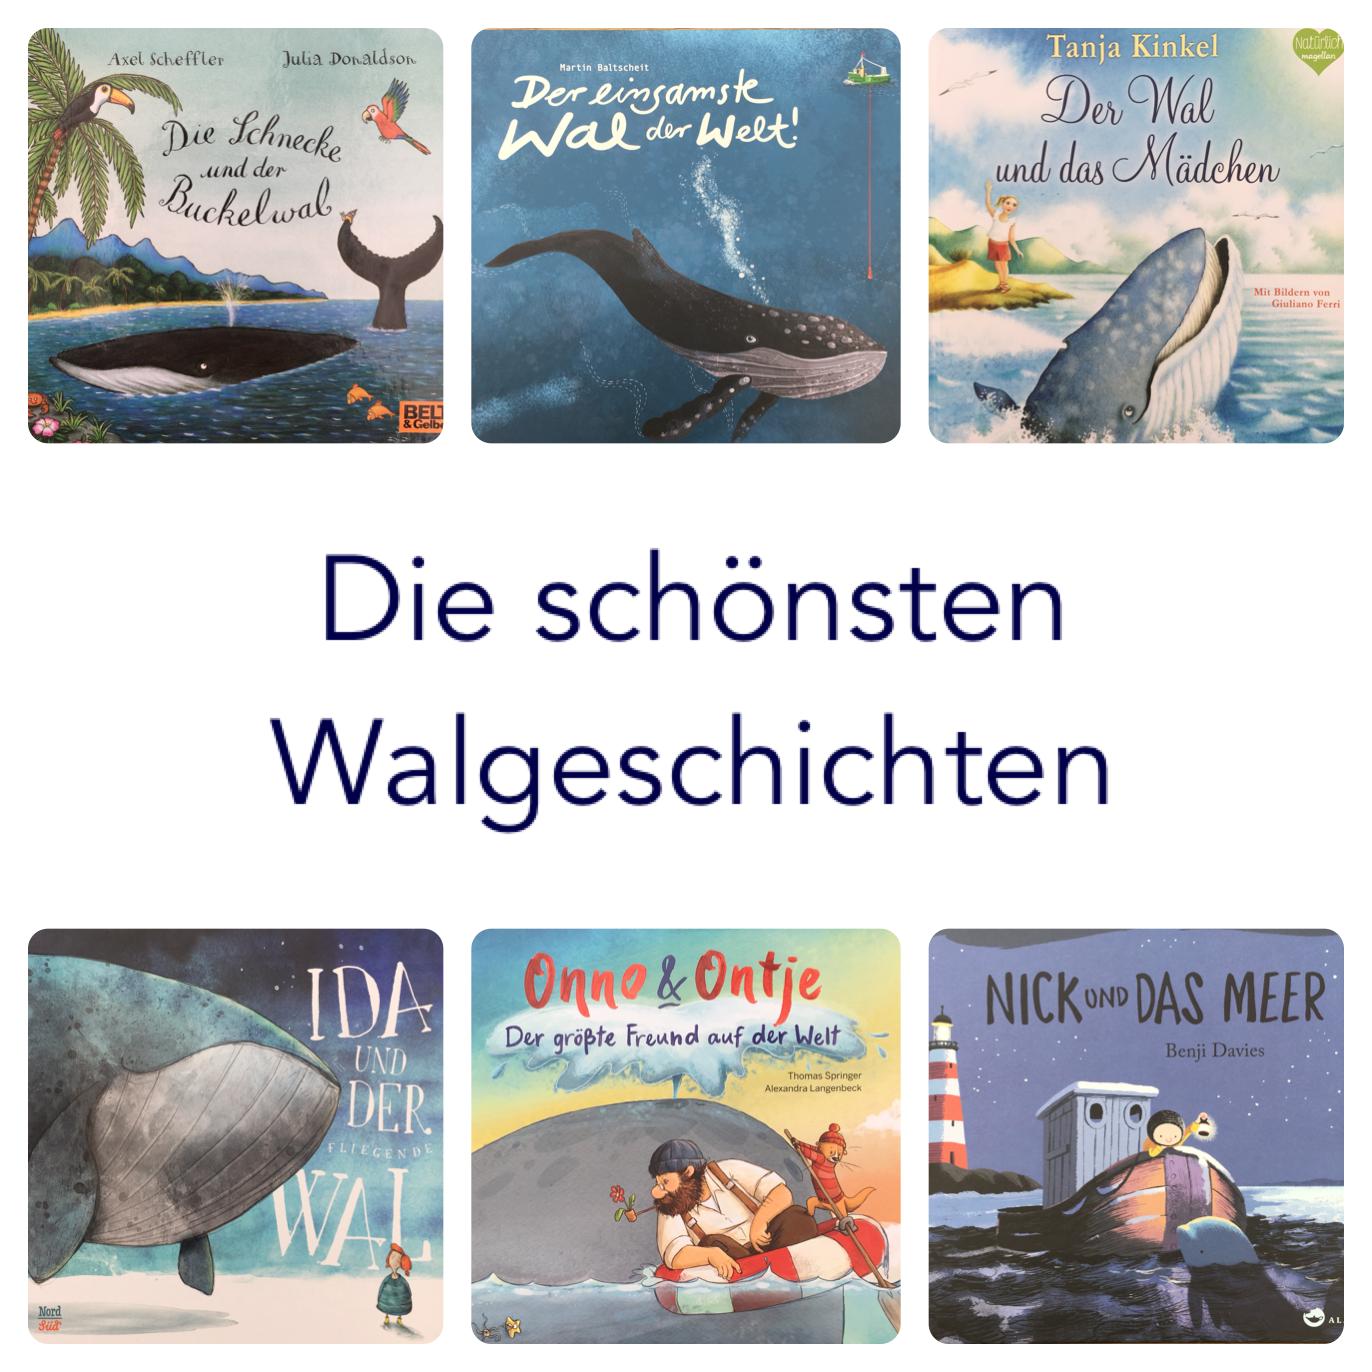 Unsere Liebsten Kinderbucher Die Schonsten Bucher Mit Und Uber Wale Kinderbucher Bilderbuch Bucher